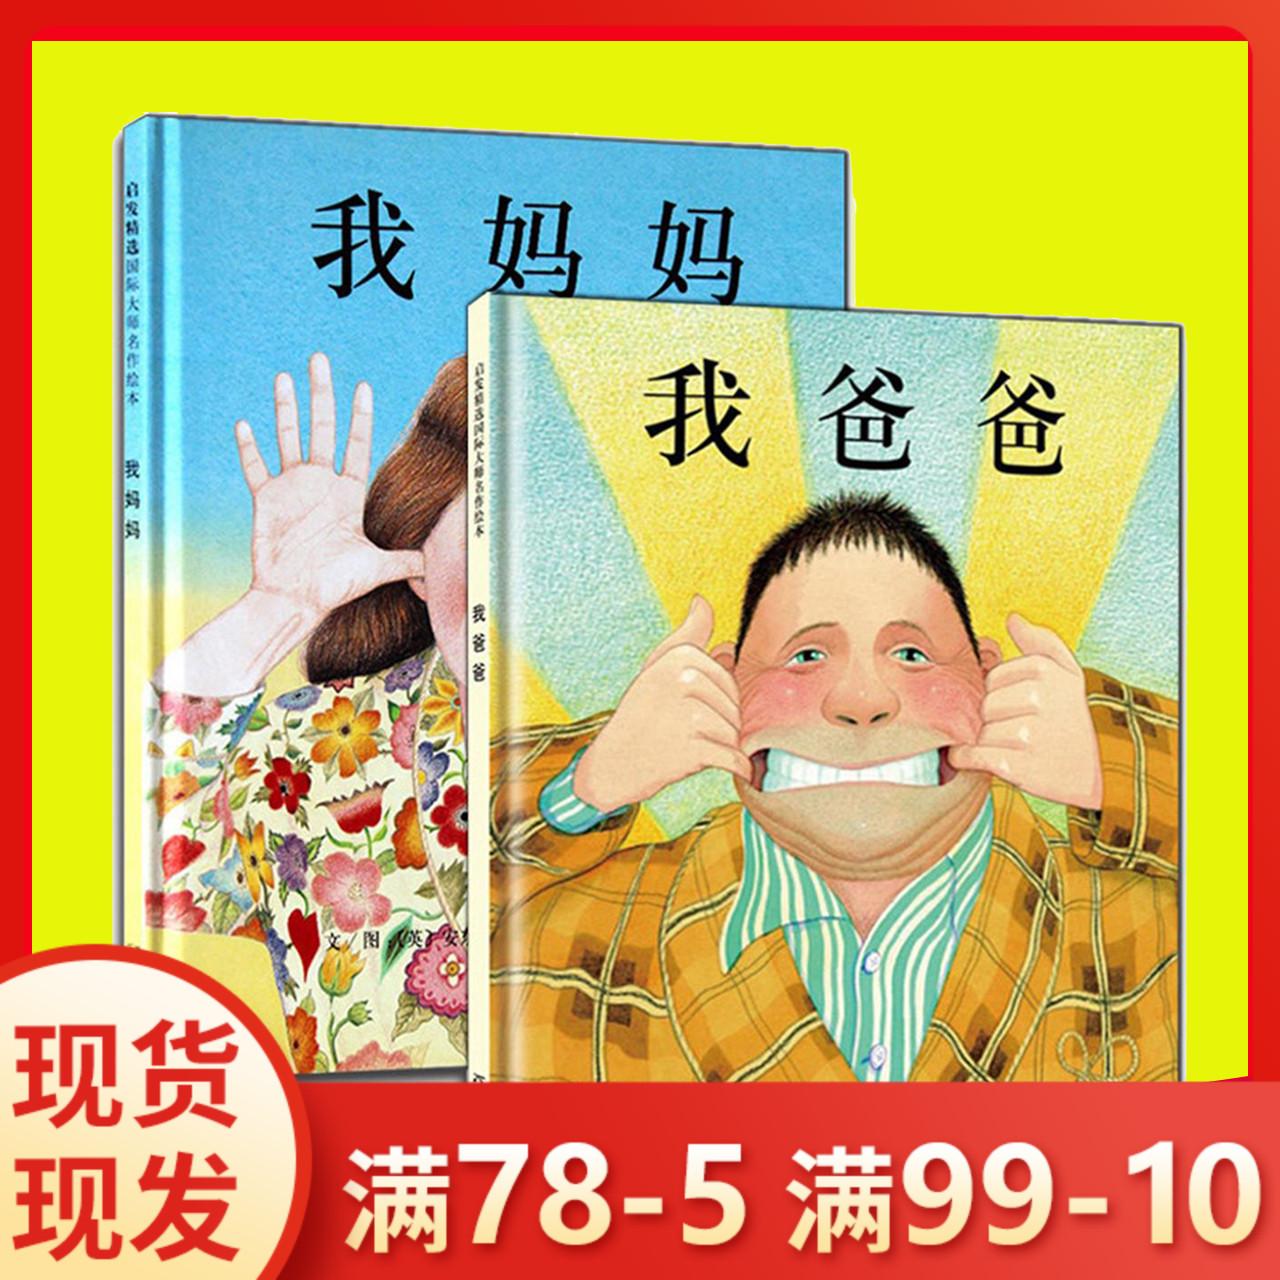 我爸爸我妈妈绘本精装2册安东尼布朗儿童绘本系列0-2-3-4-5-6-8周岁幼儿园老师推荐宝宝启蒙早教故事书幼儿非注音版一年级硬壳我的